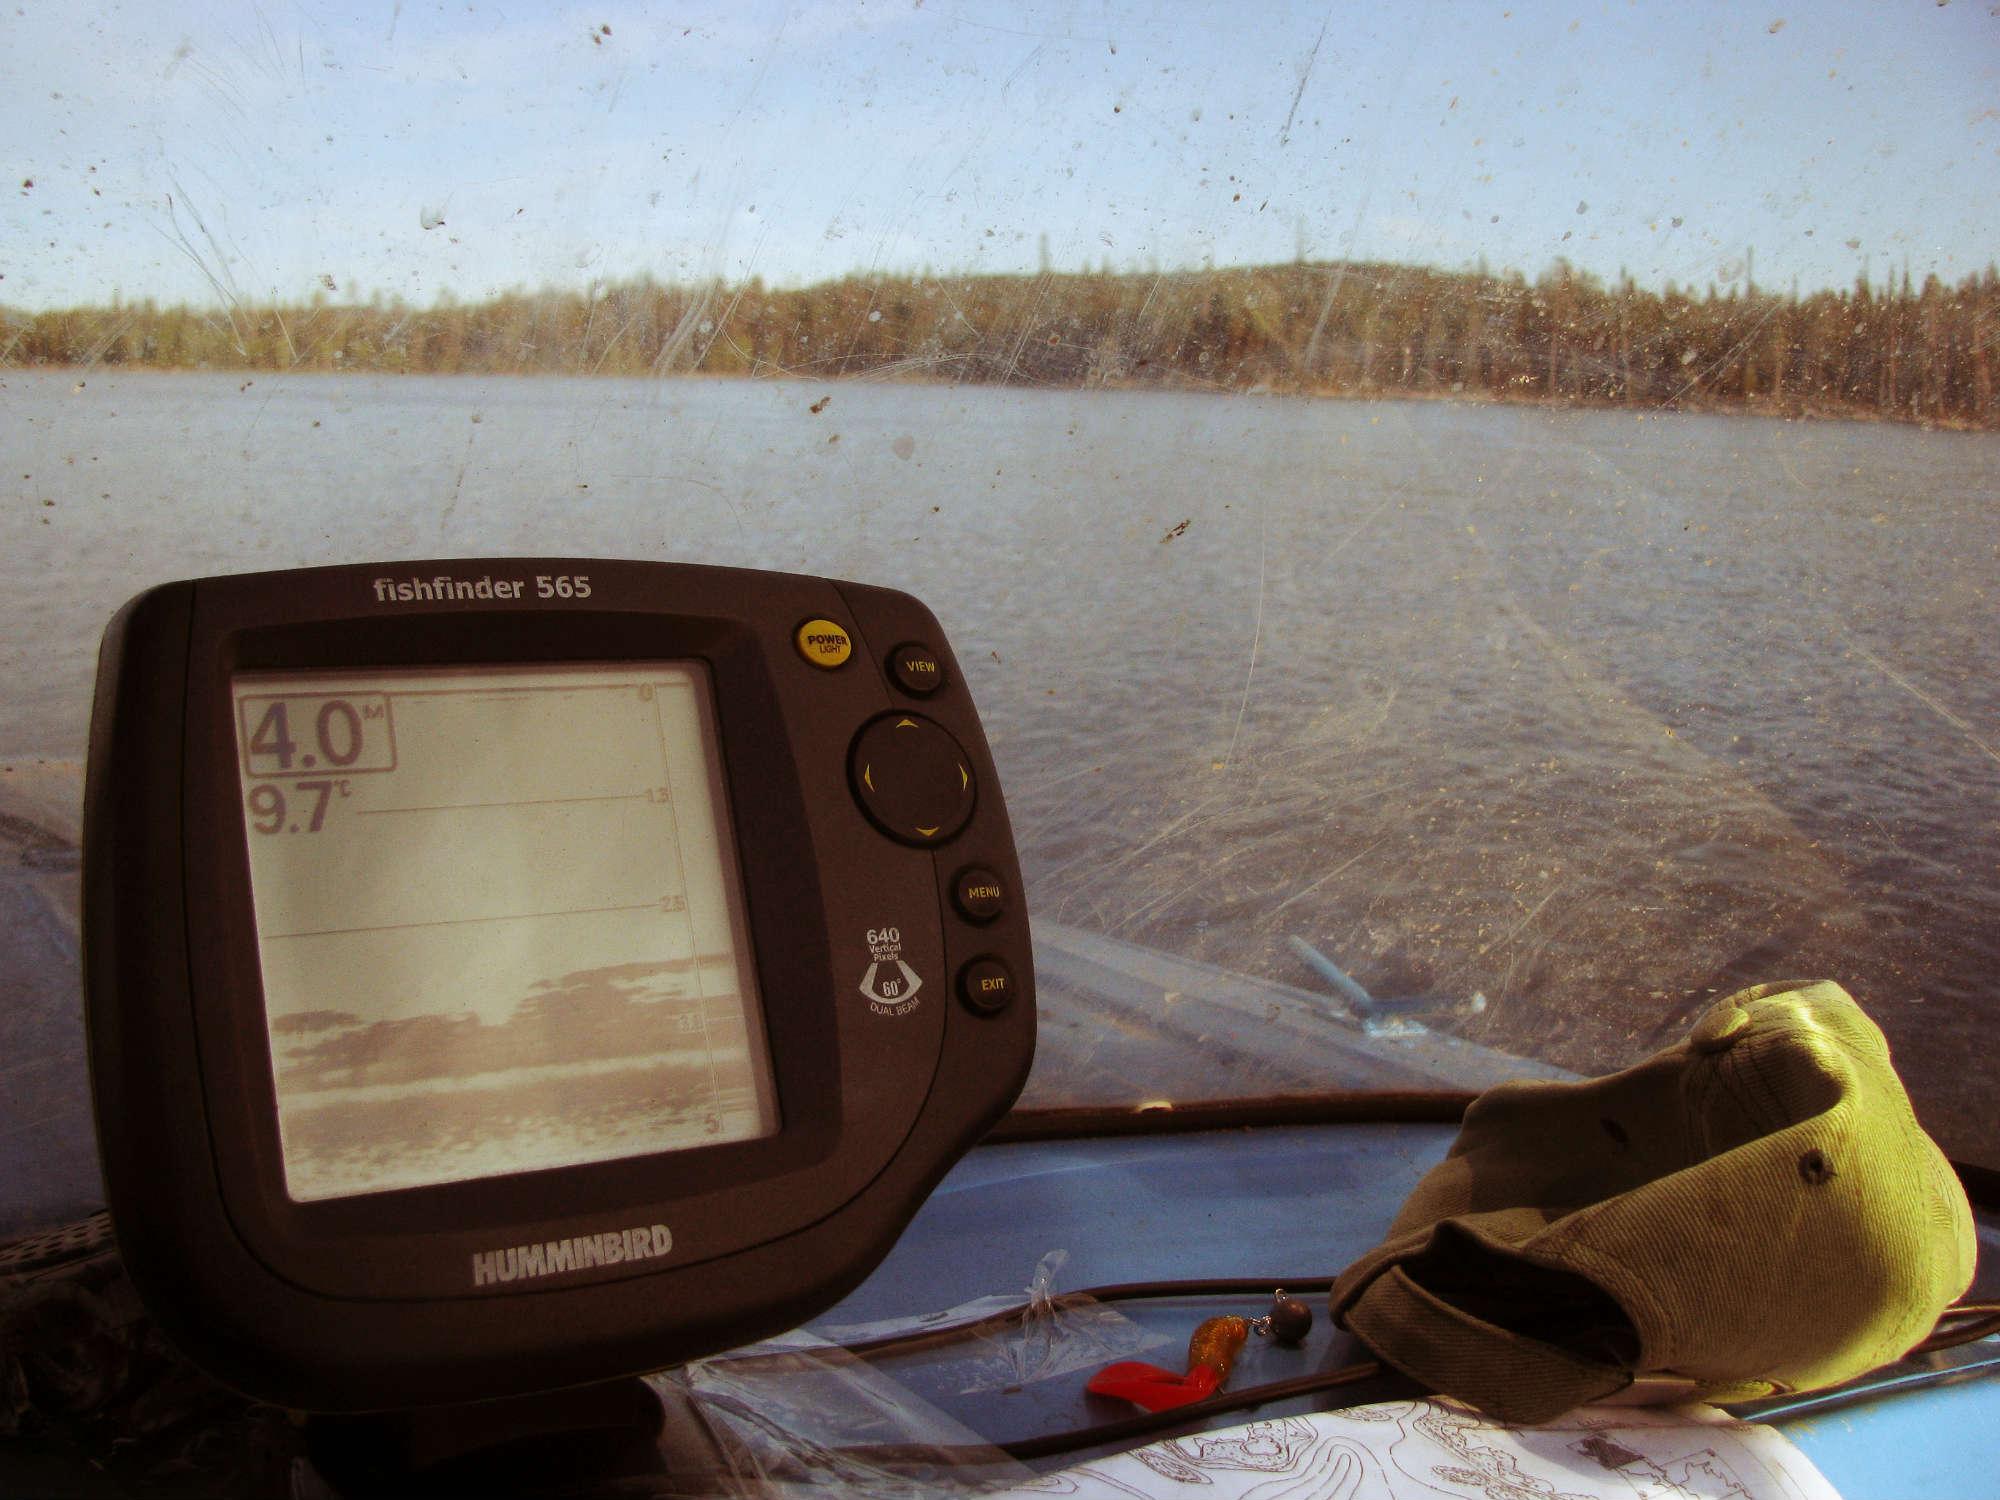 Эхолот позволяет, как на топографической карте видеть все, что происходит под водой.